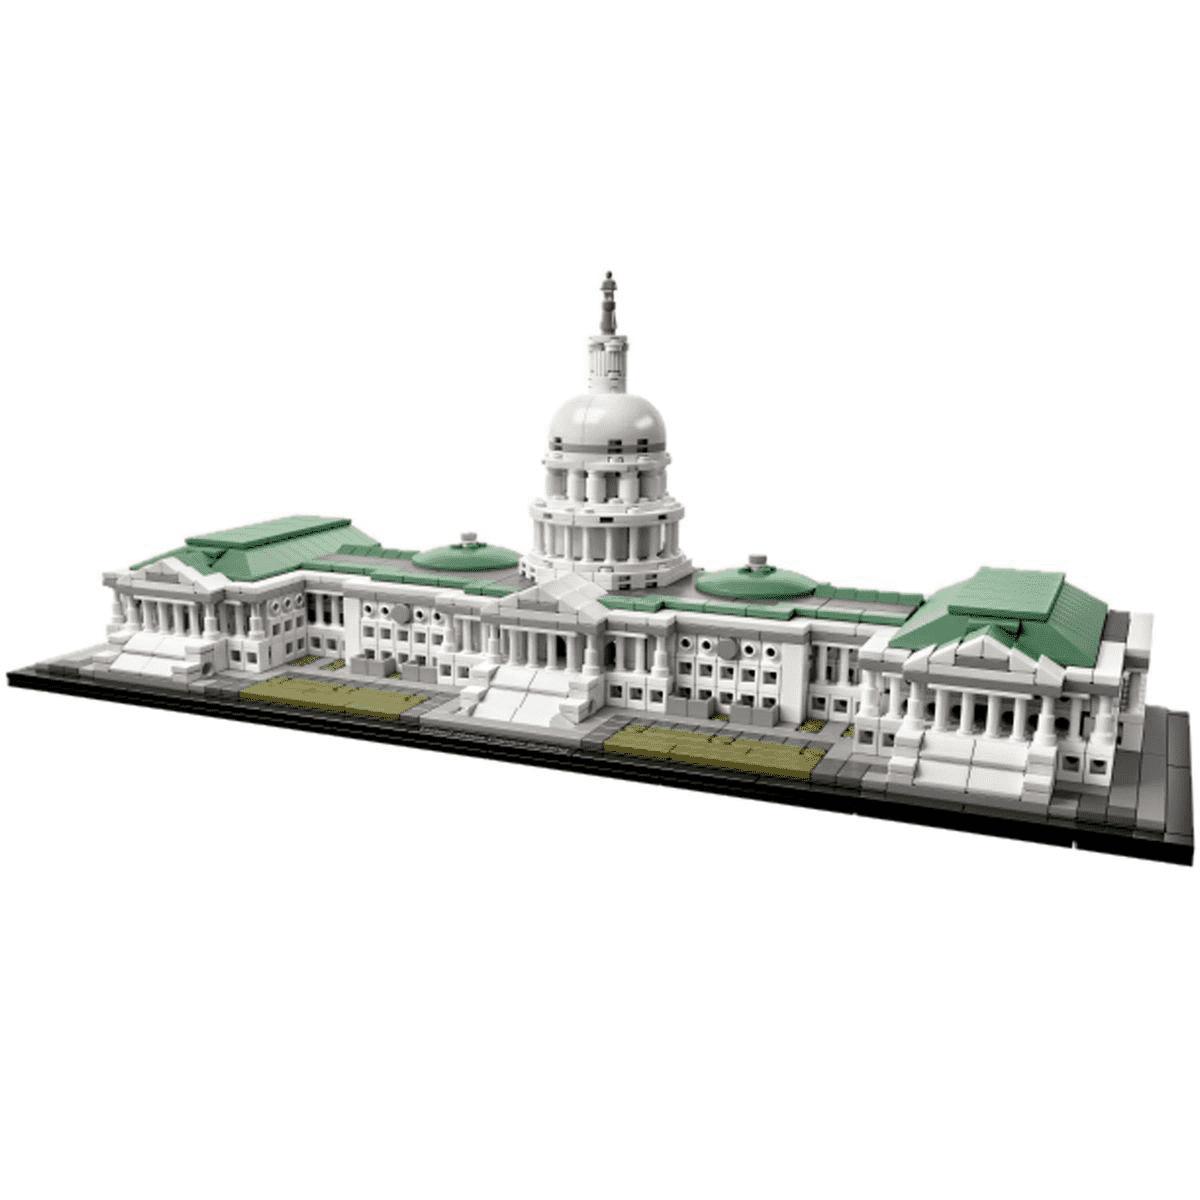 Unis Architecture Etats Jouet 21030Le Capitole De Lego Des W2eDIbH9EY